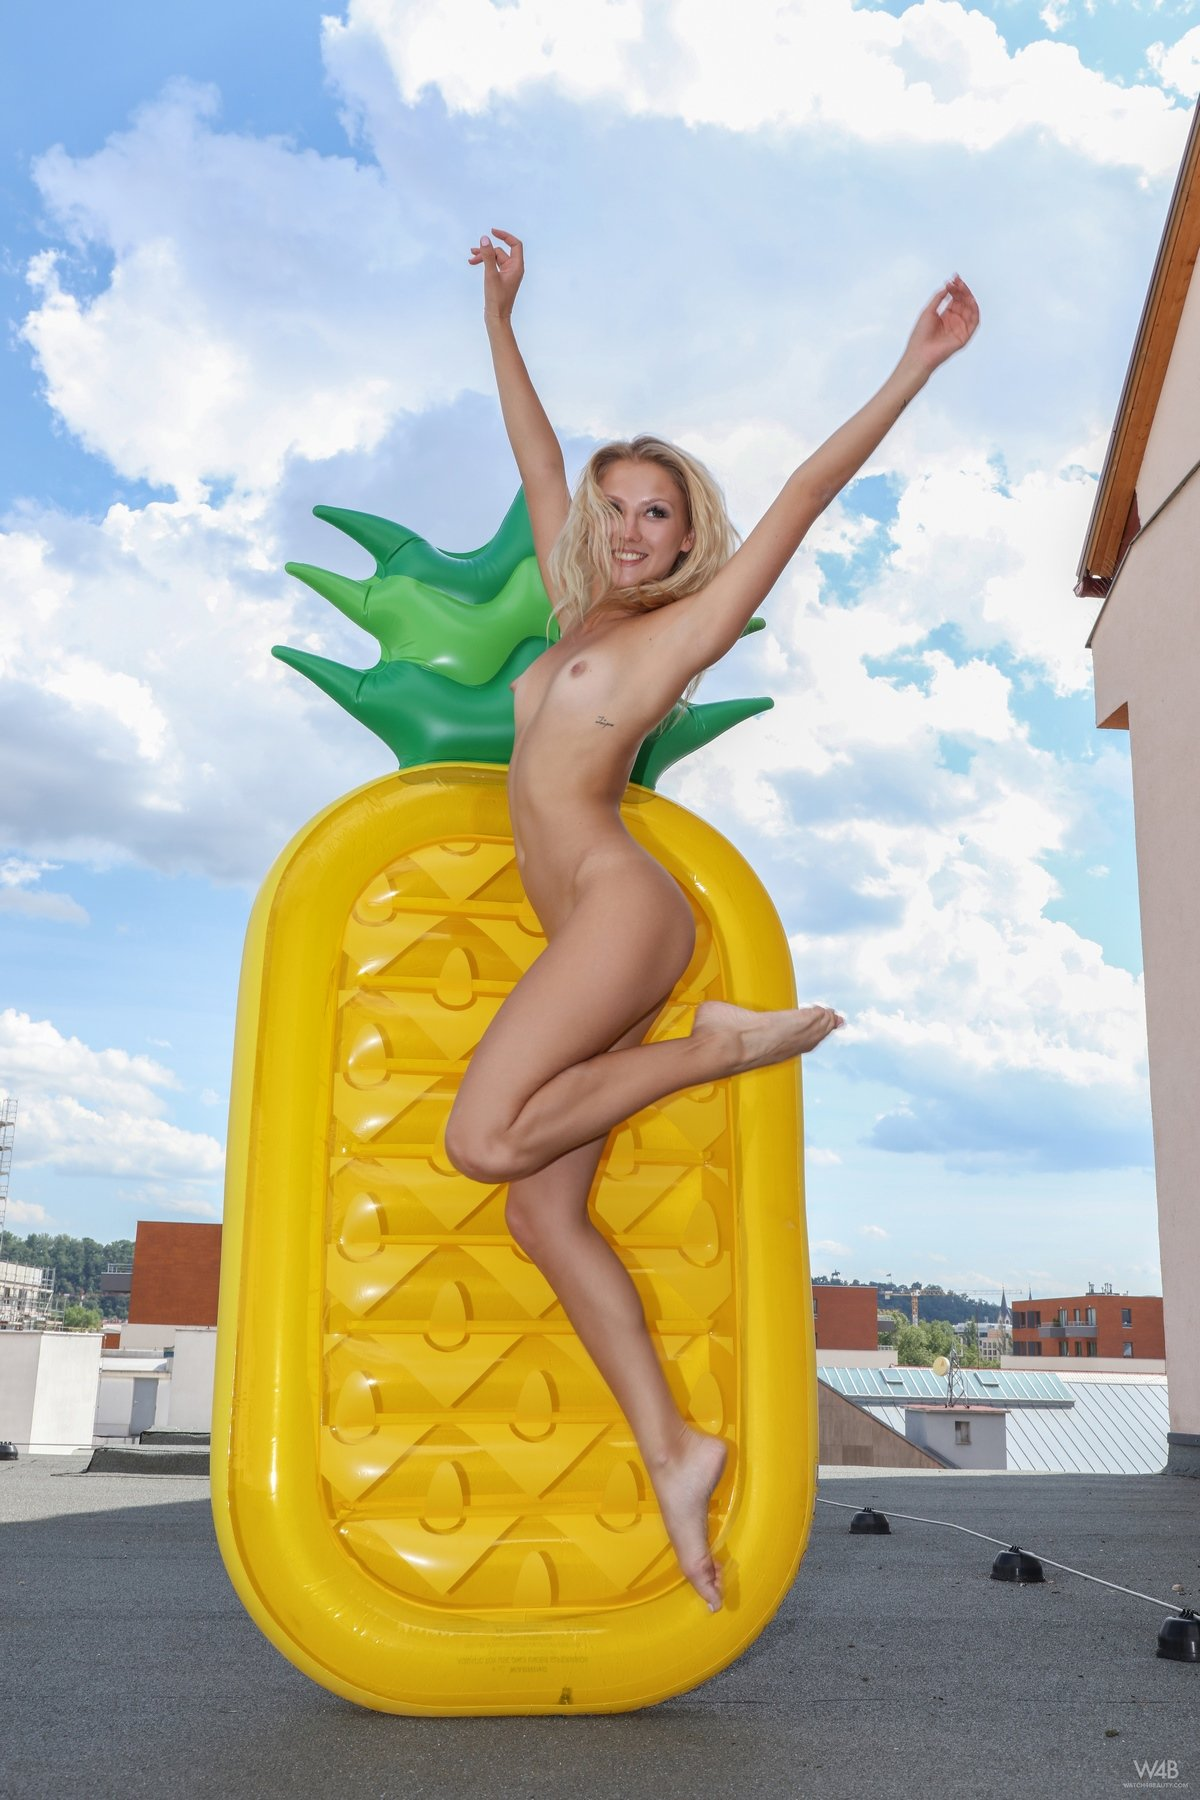 Девушка в купальнике с большим надувным матрасом